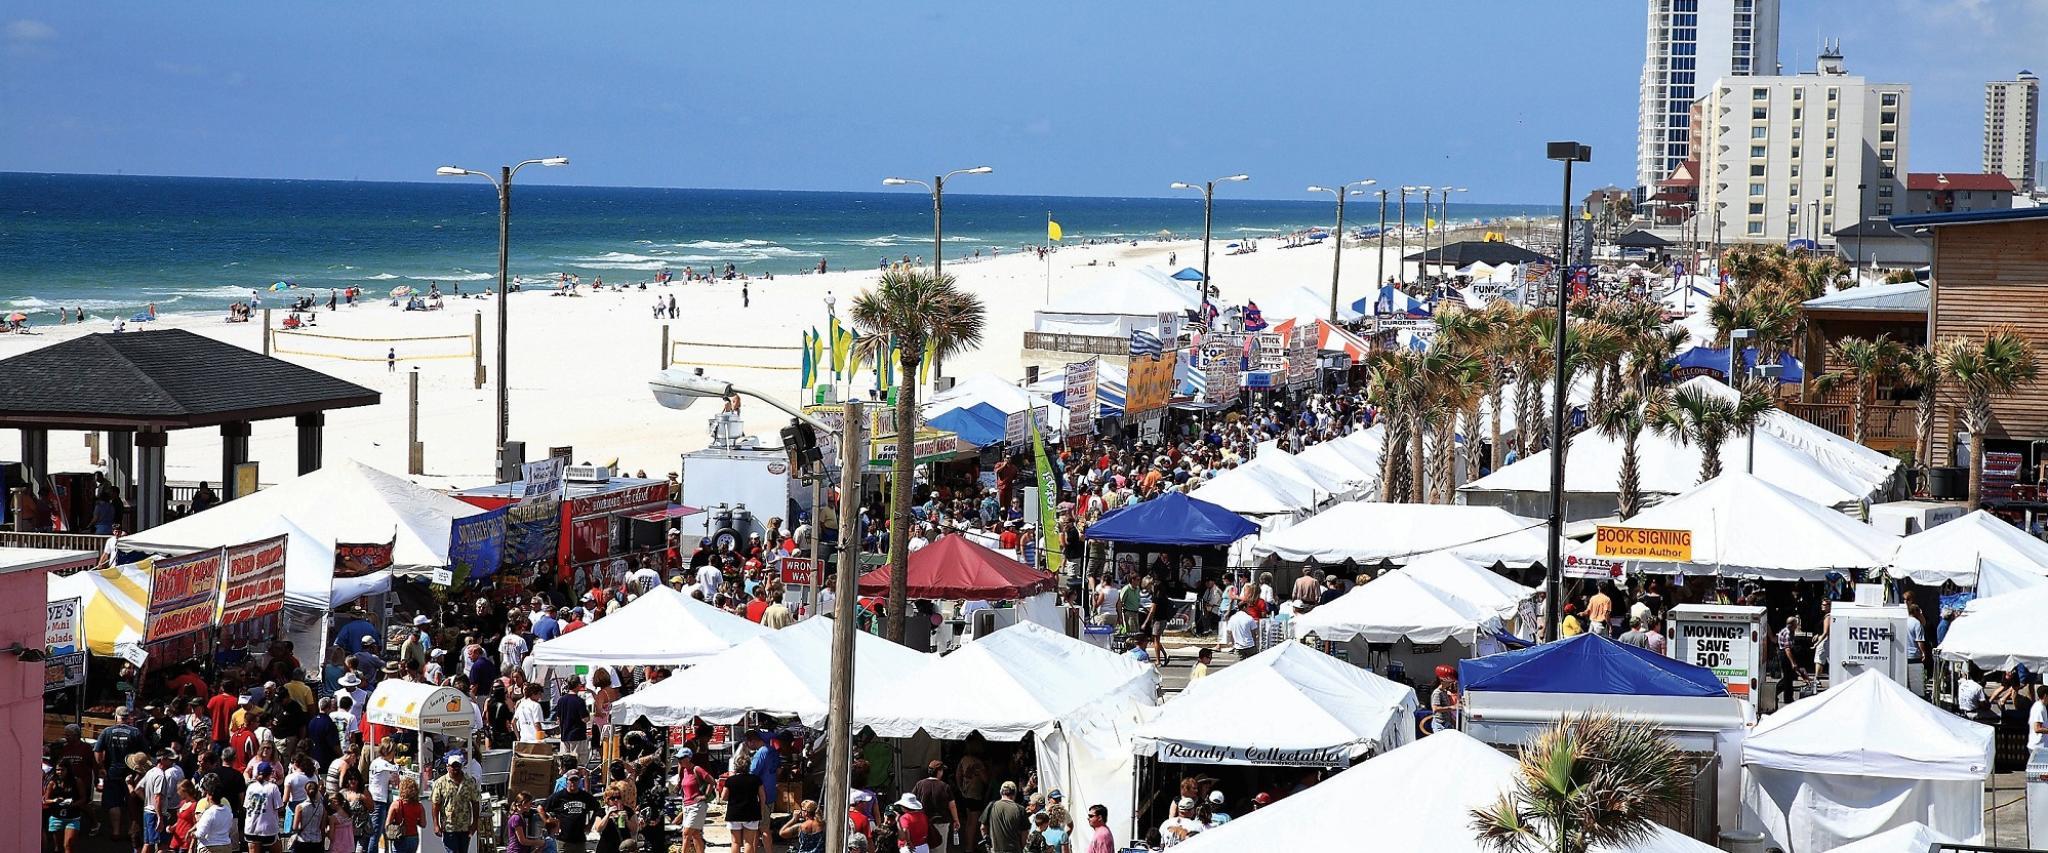 Shrimp Festival Gulf Shores 2020.Shrimp Festival Gulf Shores Orange Beach